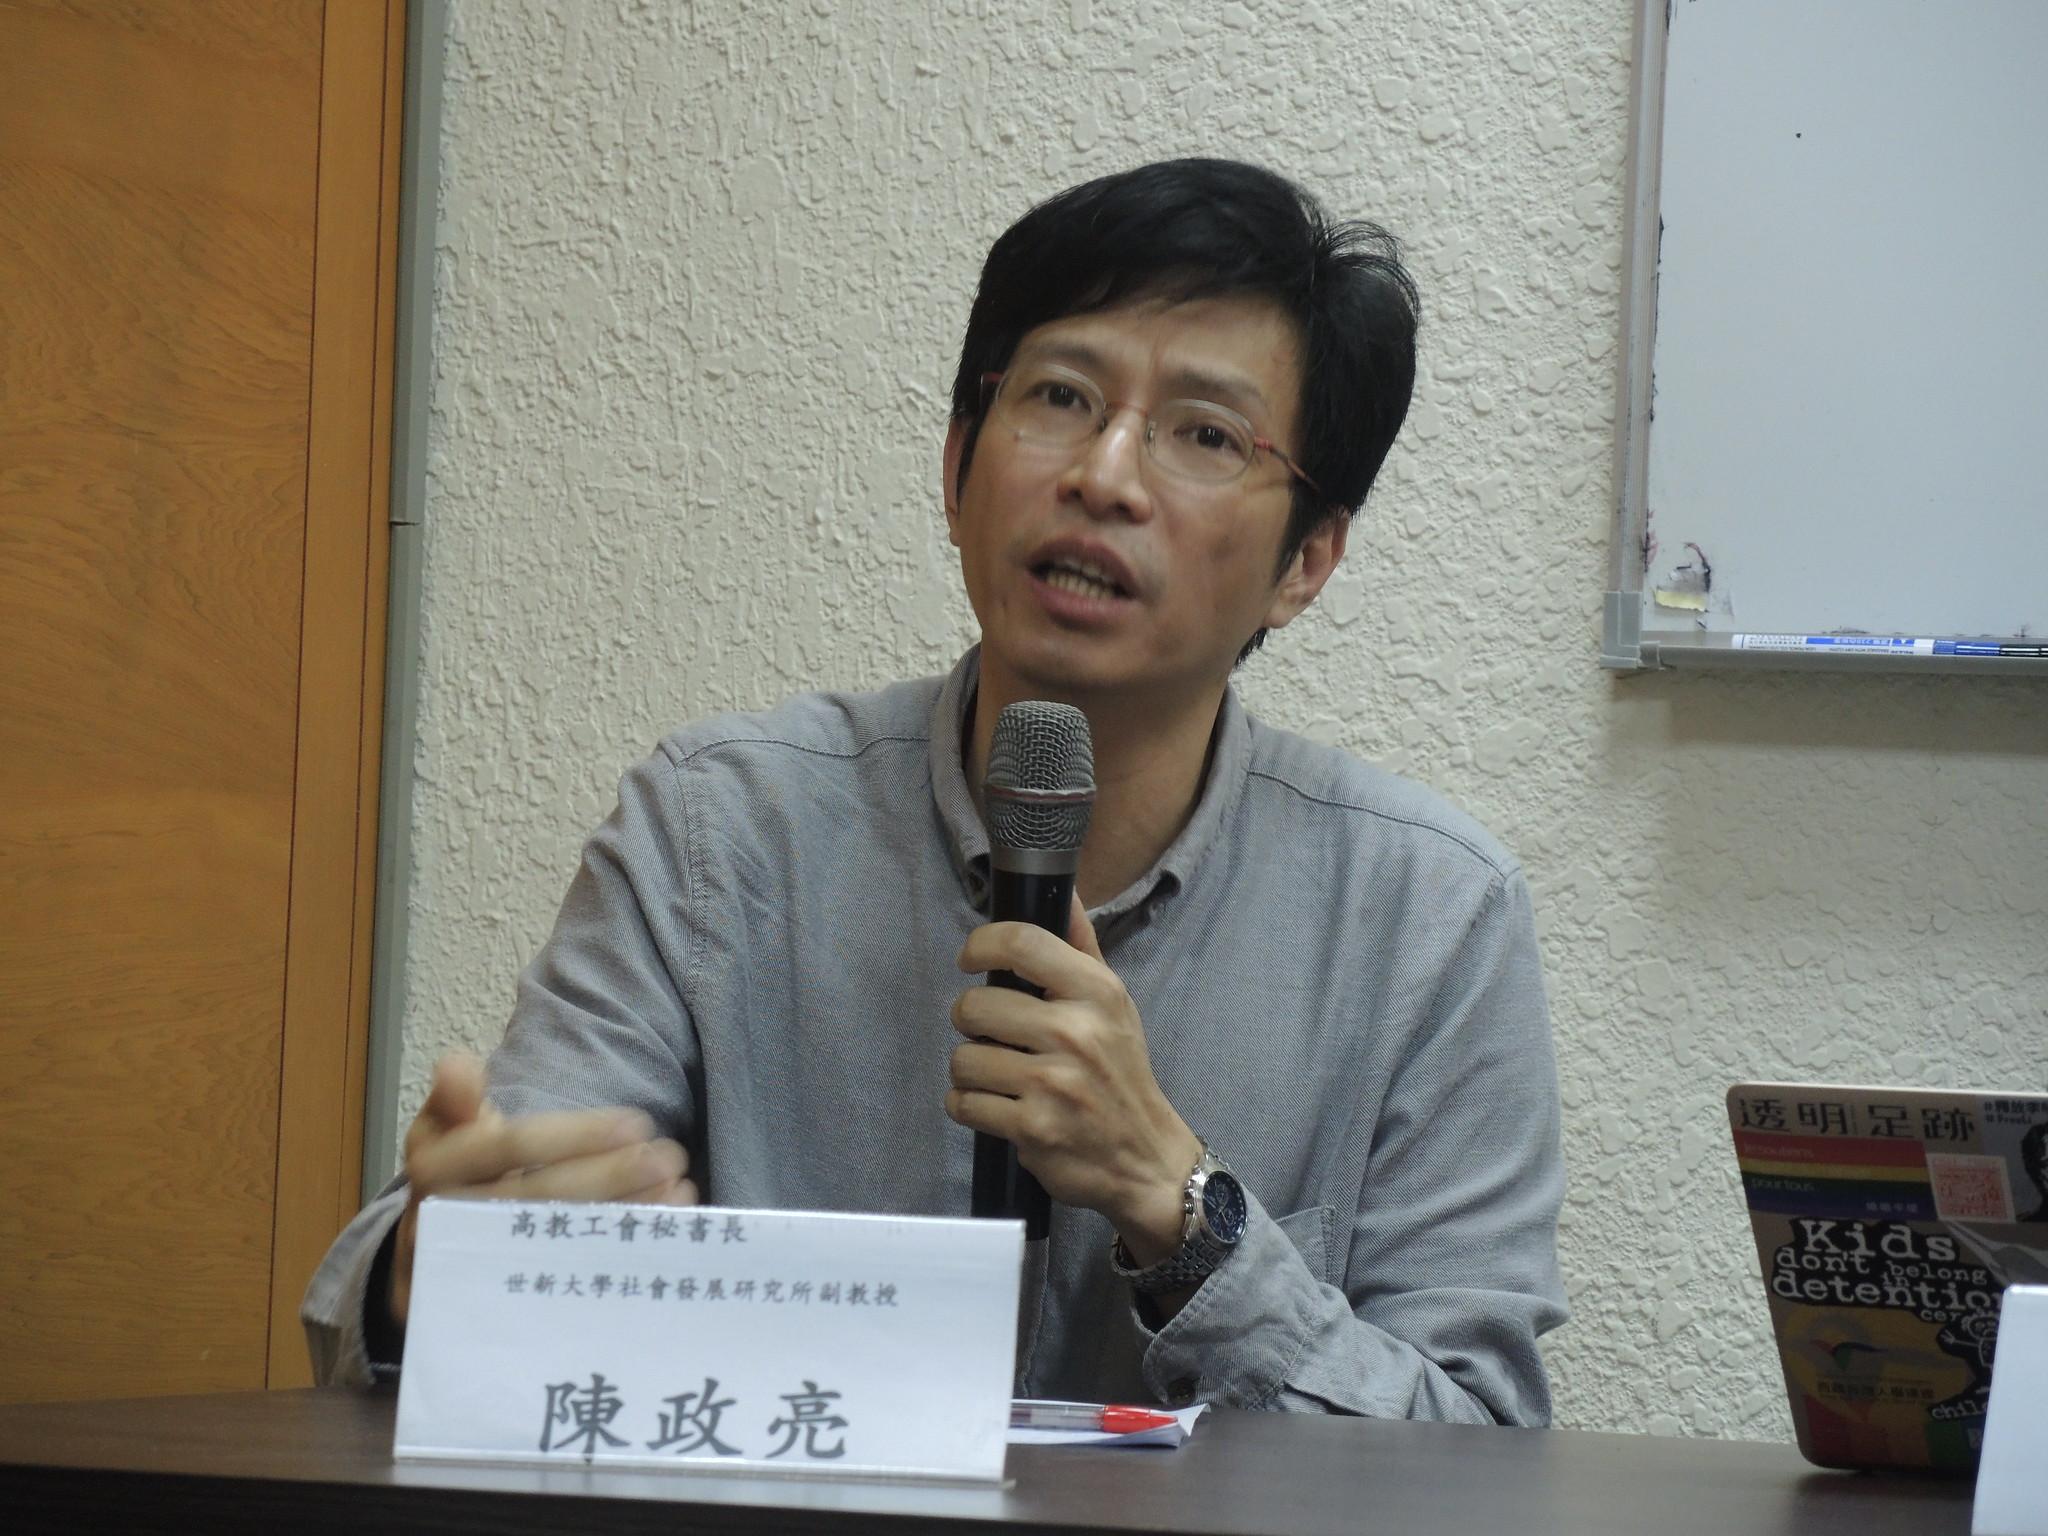 高教工會秘書長陳政亮表示,過勞可能會造成未來生育人數下降、勞動人口下滑,年金、社會保險等社會福利在未來勞動人口下降時會出狀況,這是國安危機。(攝影:曾福全)